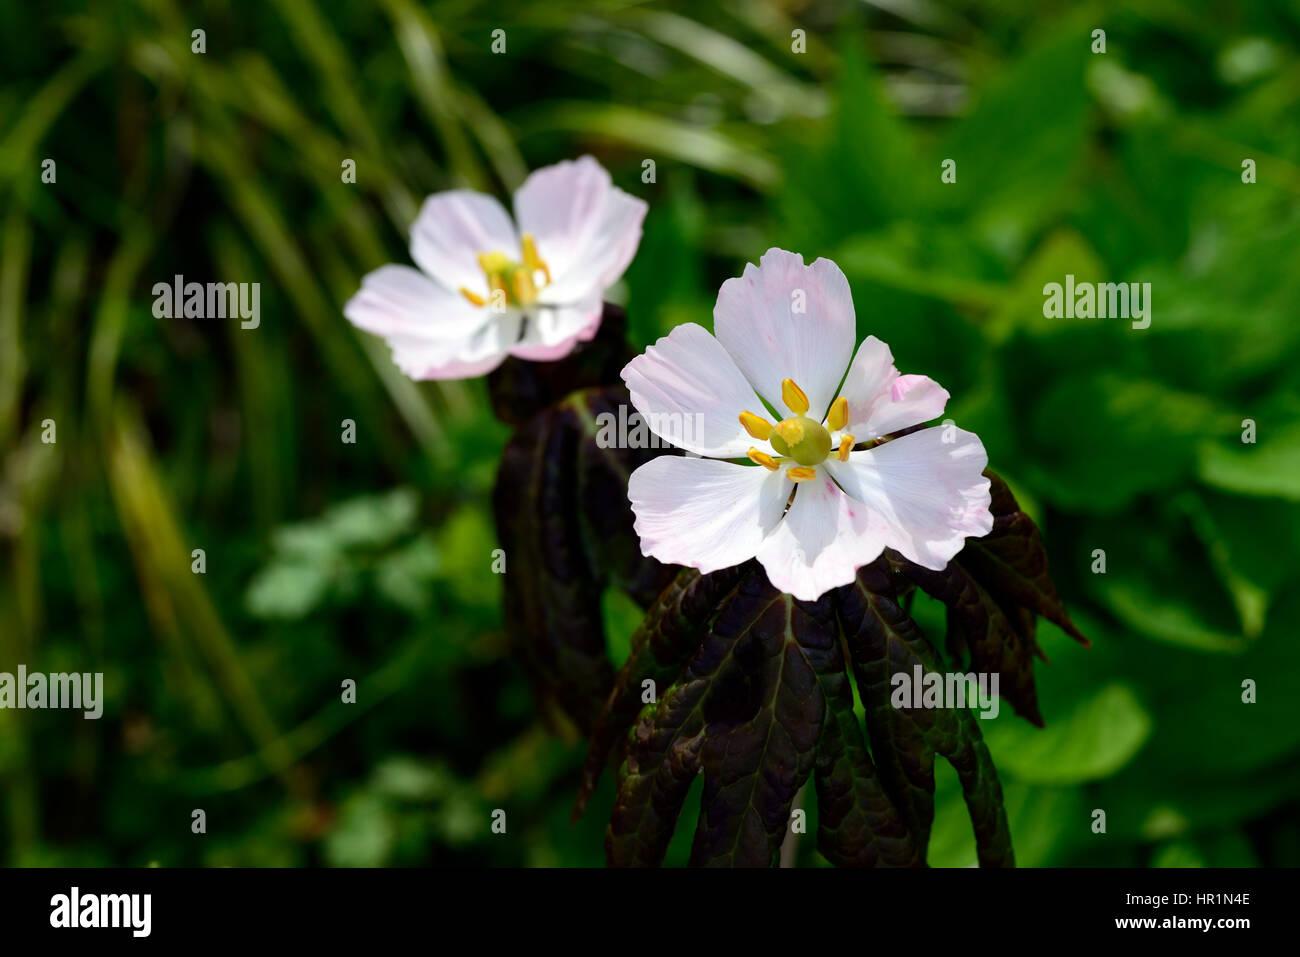 Wunderbar Blumen Mai Das Beste Von Podophyllum Hexandrum, Himalaya Apfel, Sinopodophyllum, Blume, Blumen,